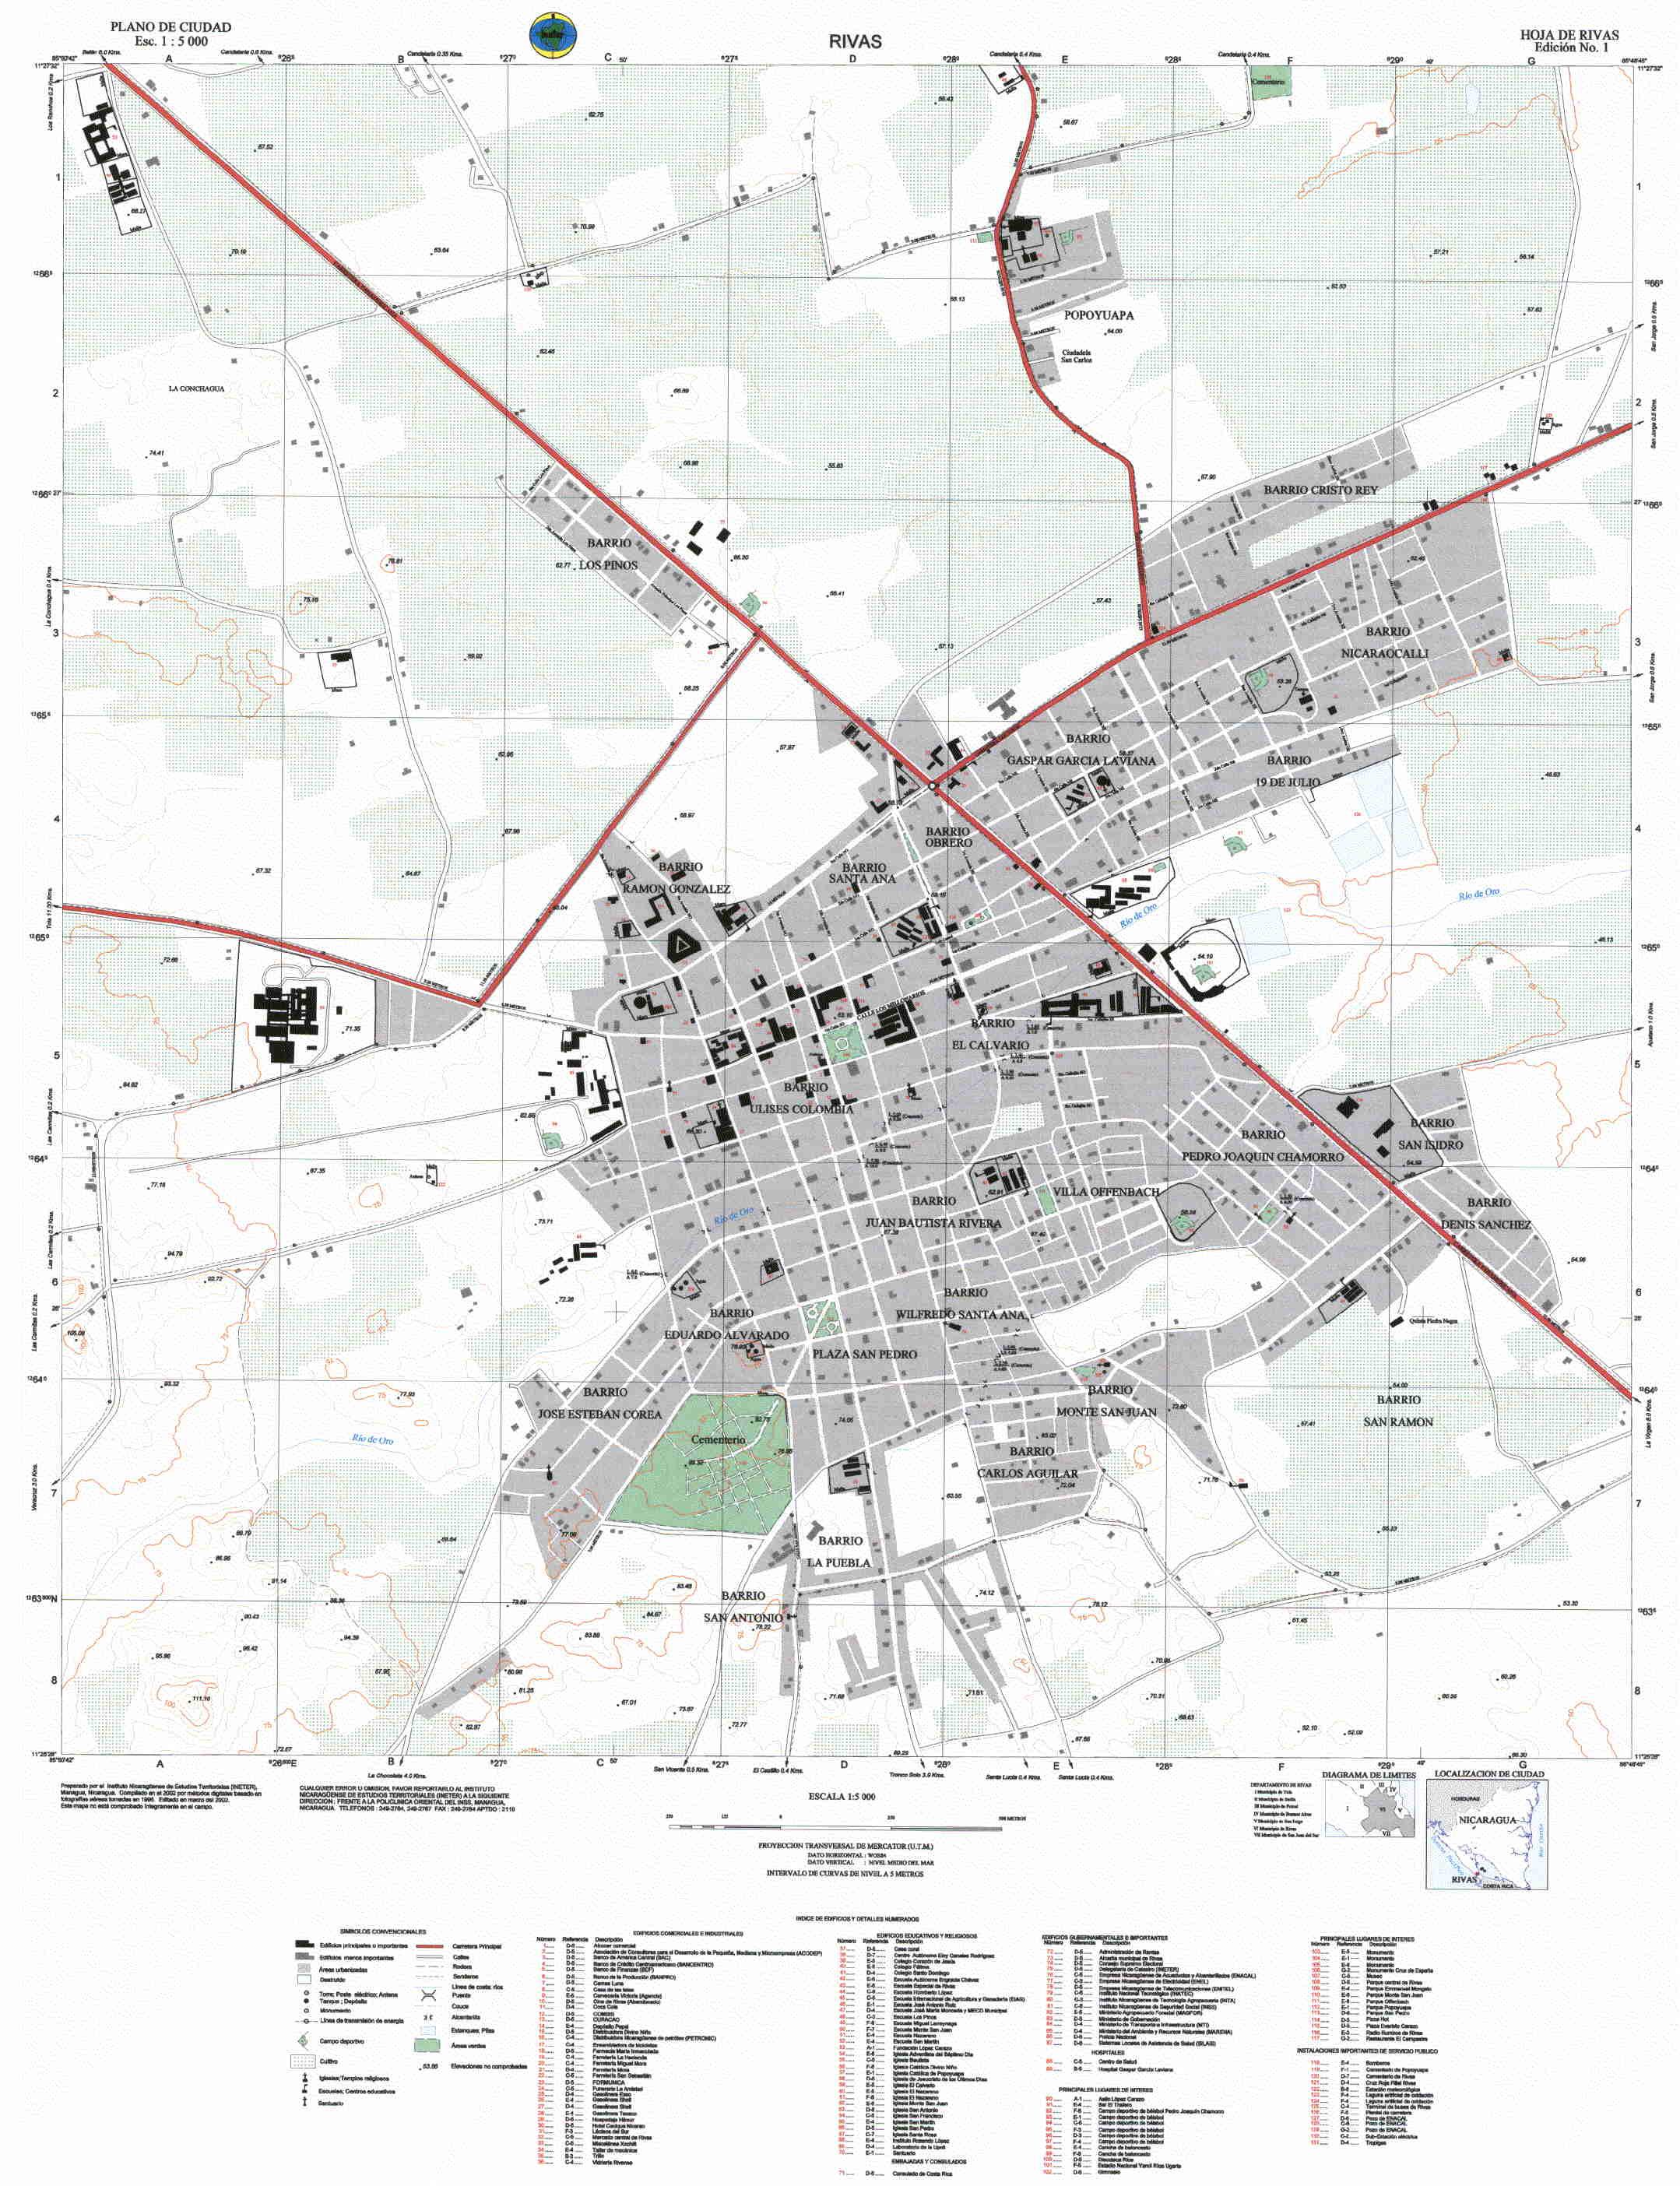 Mapa Detallado de Rivas, Rivas, Nicaragua